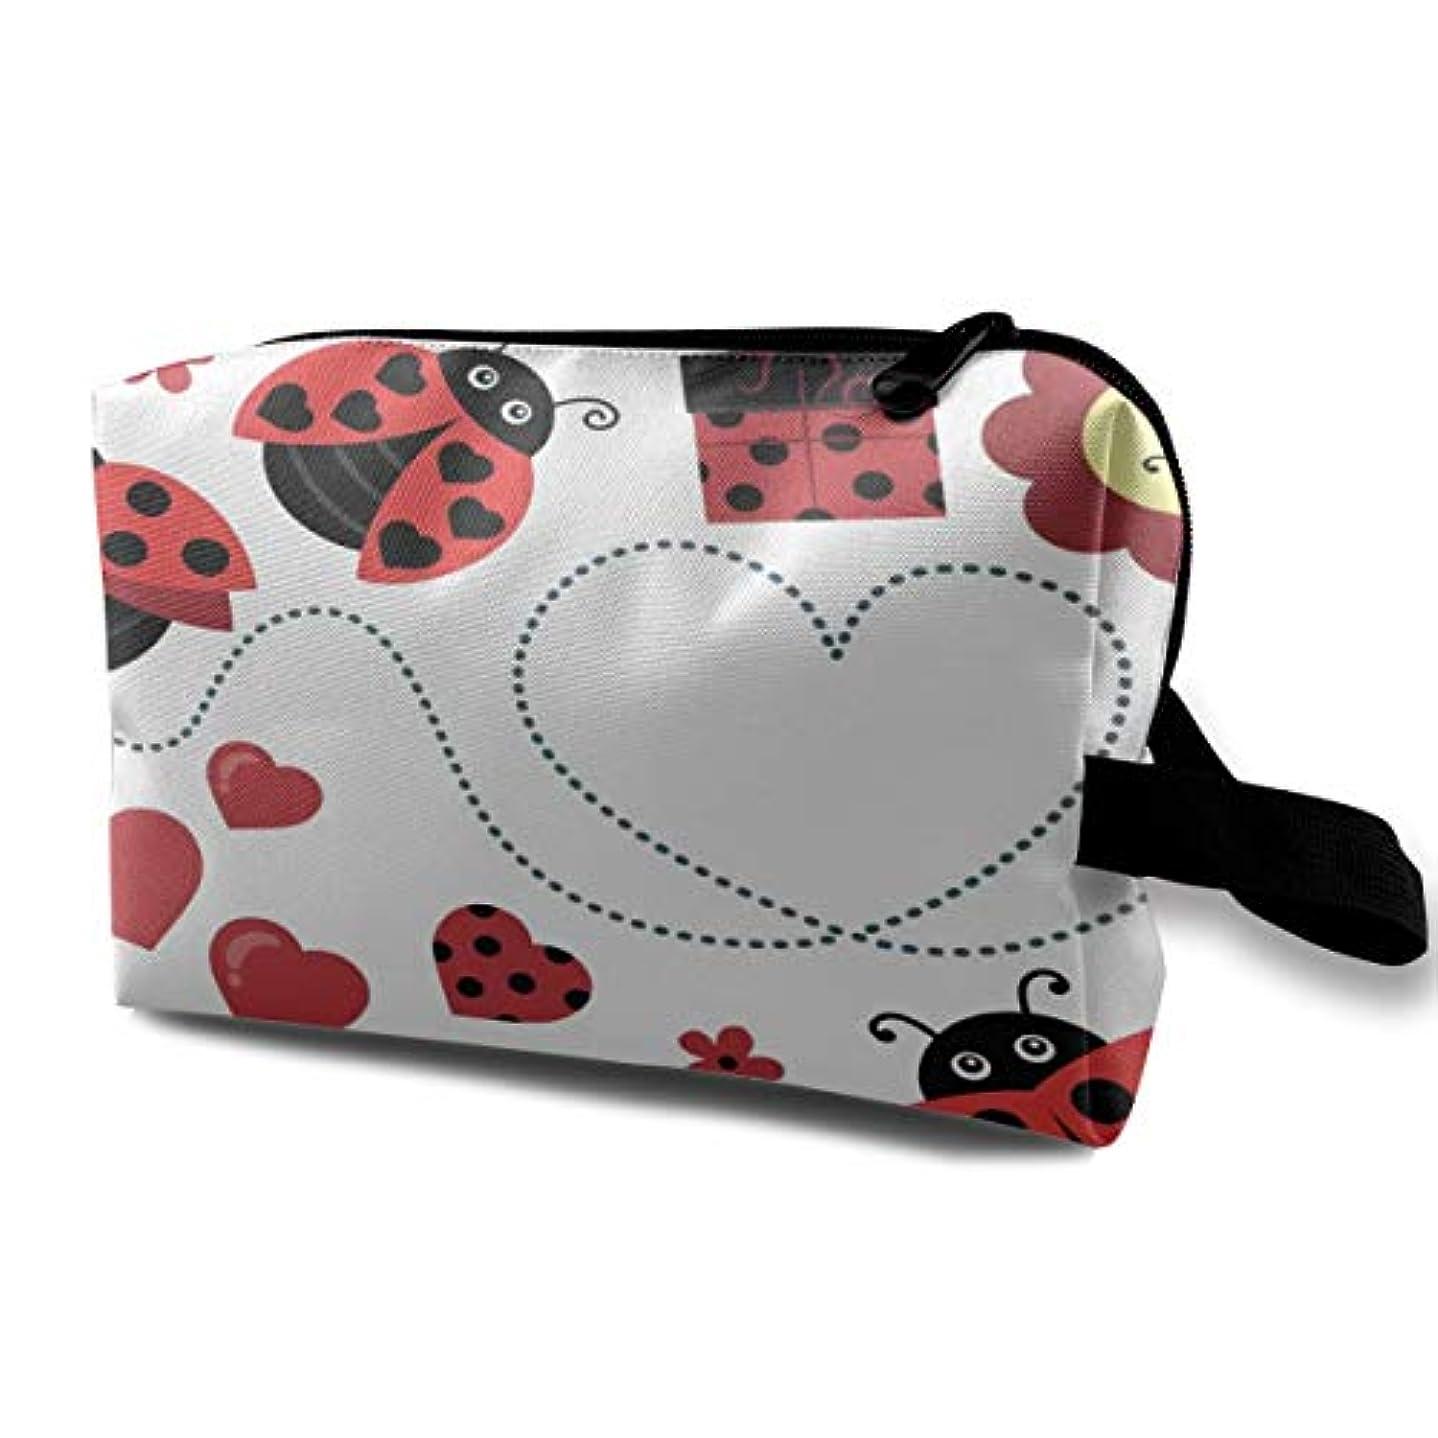 航空麦芽判定Clipart Valentine Ladybugs Artistic 収納ポーチ 化粧ポーチ 大容量 軽量 耐久性 ハンドル付持ち運び便利。入れ 自宅?出張?旅行?アウトドア撮影などに対応。メンズ レディース トラベルグッズ